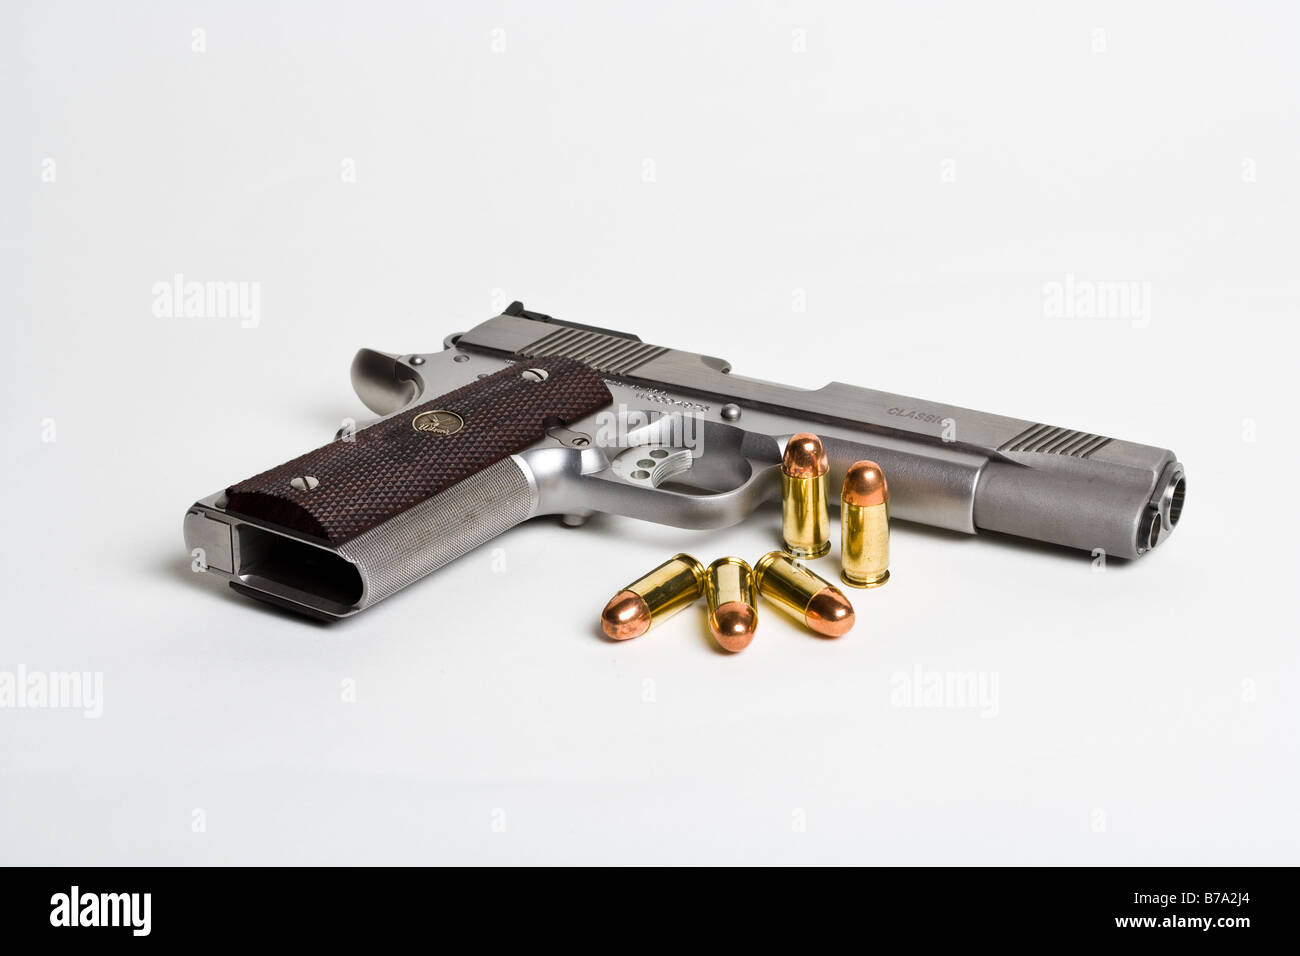 Eine.45 Auto 1911 Stil Pistole und Munition Stockbild